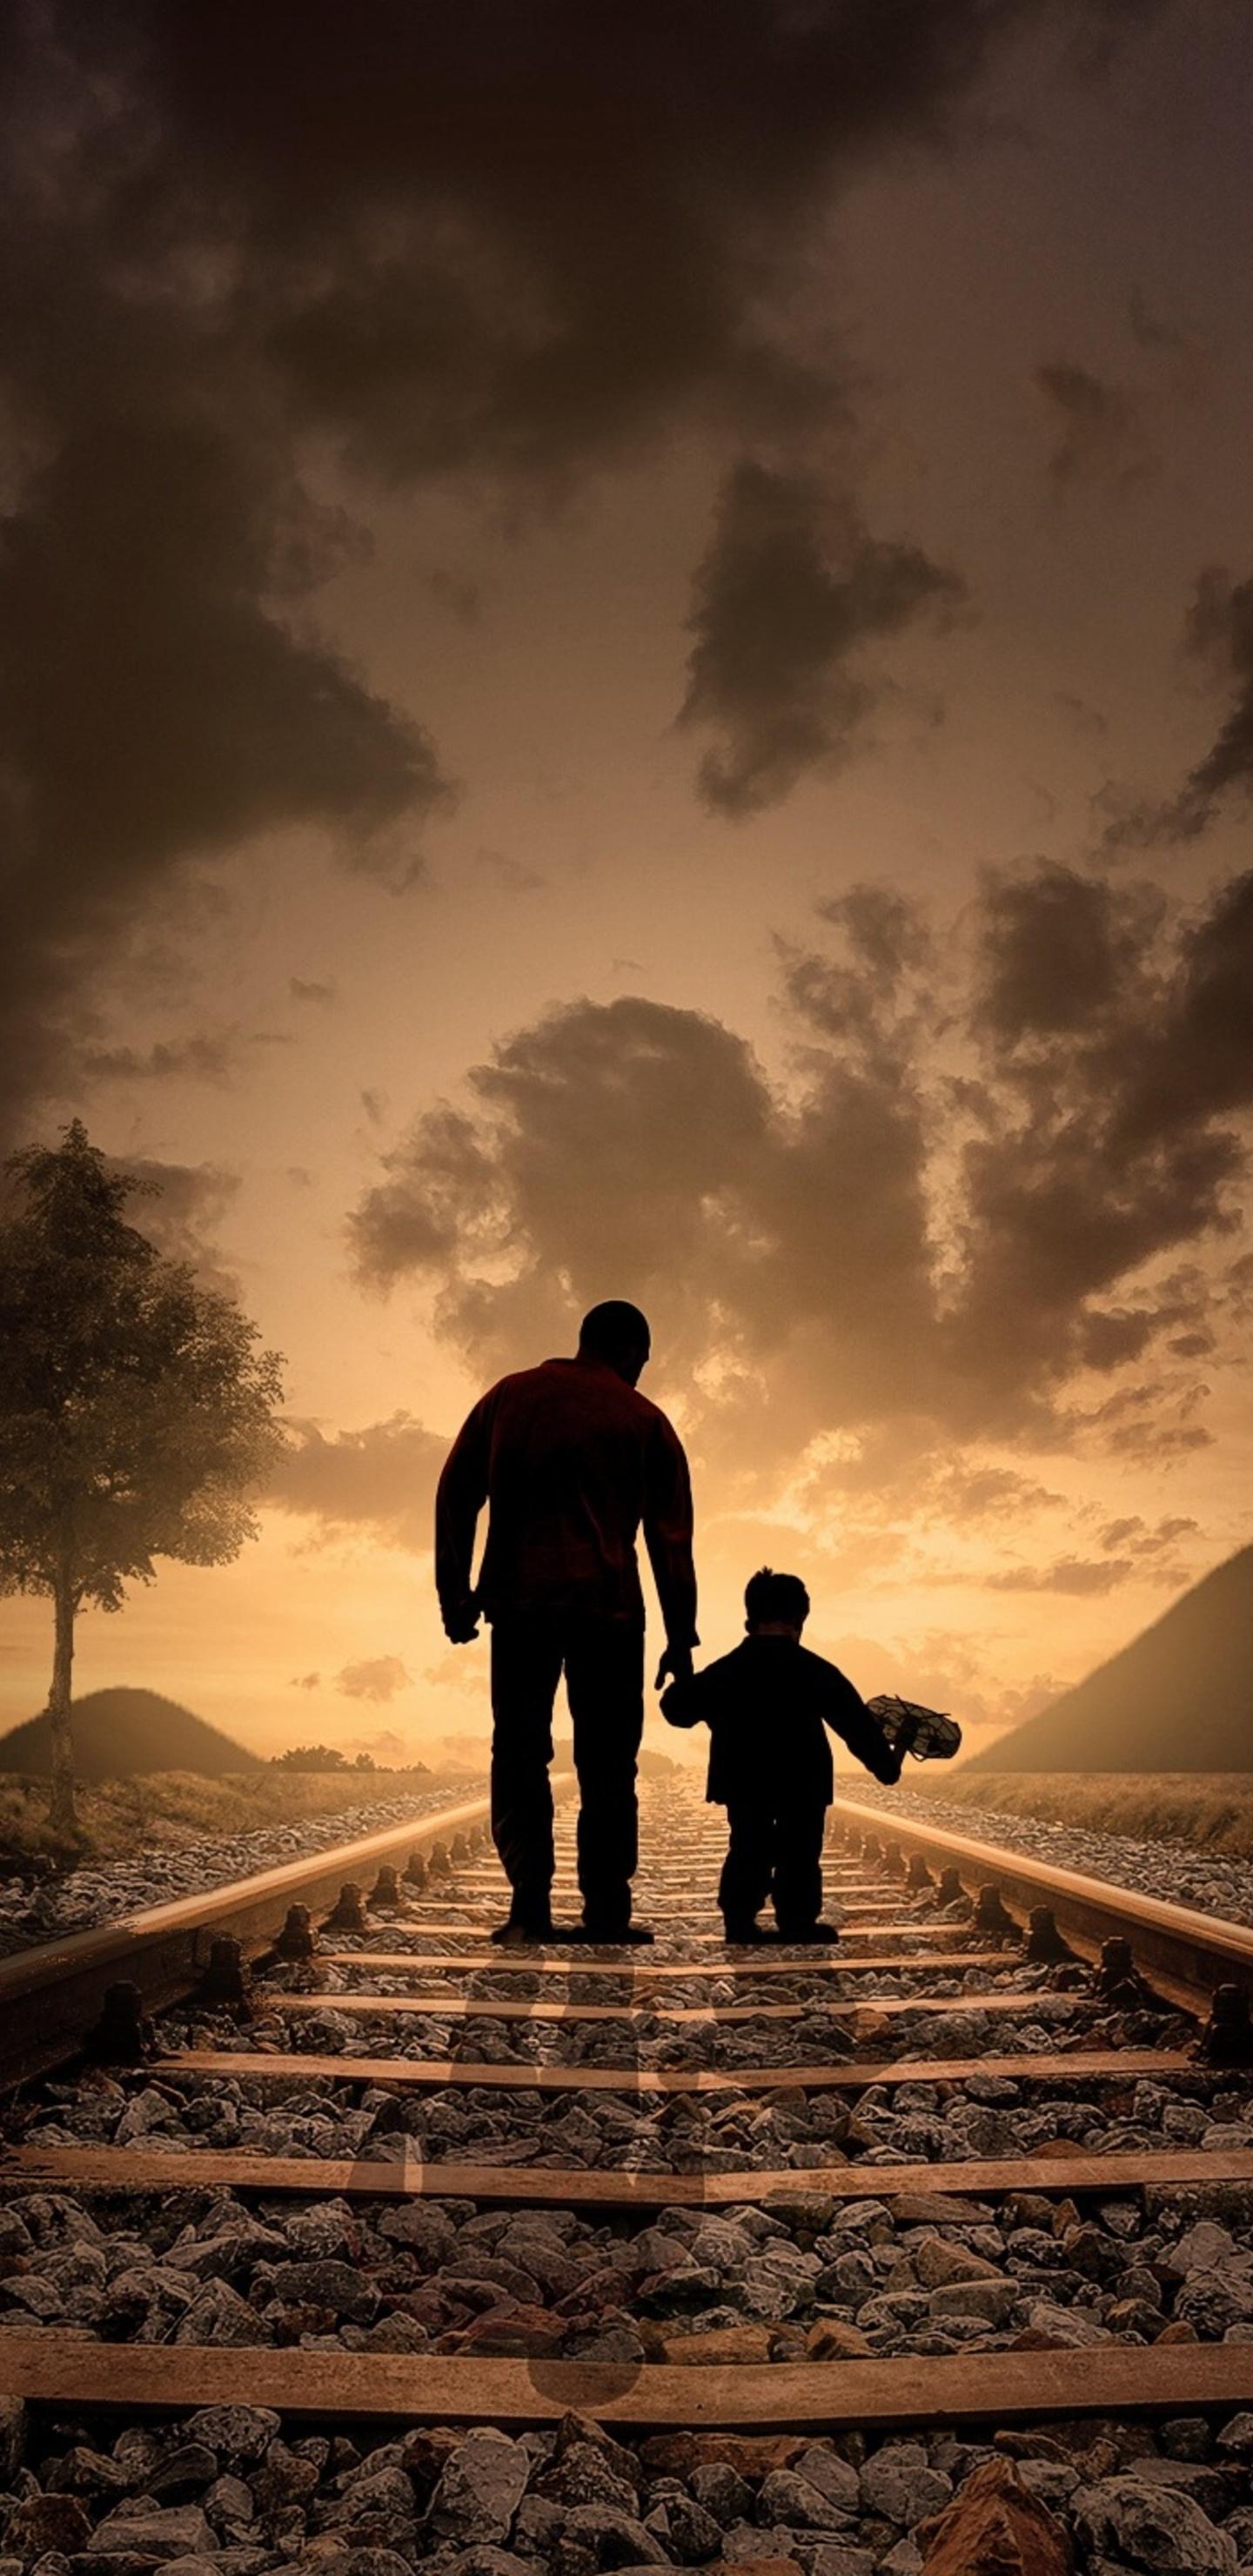 1440x2960 Father Son Walking Railraod Samsung Galaxy Note 9